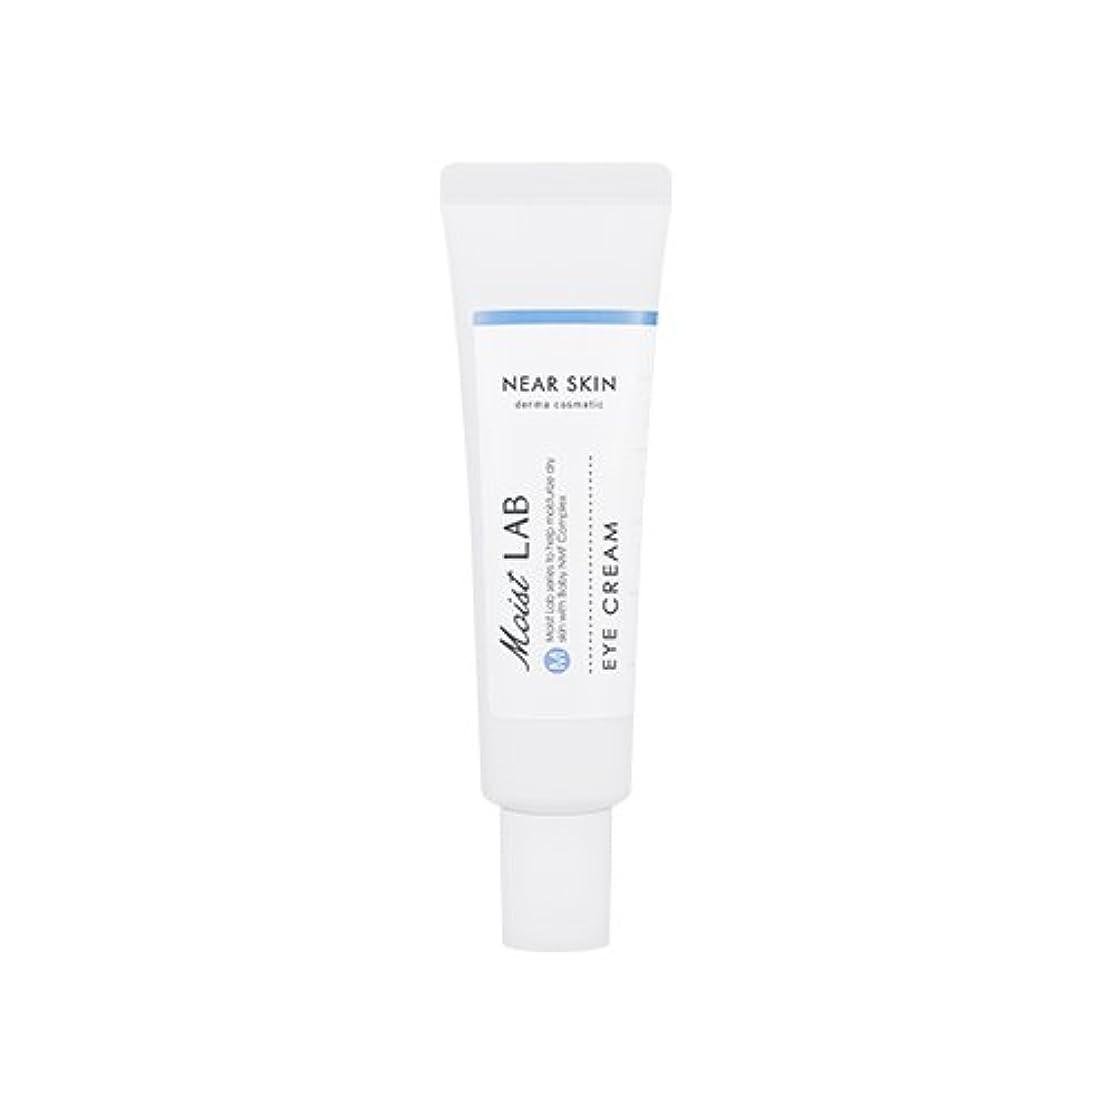 太鼓腹密度チケットMISSHA NEAR SKIN Derma Cosmetic Moist LAB (Eye Cream) / ミシャ ニアスキン ダーマコスメティックモイストラボ アイクリーム 30ml [並行輸入品]